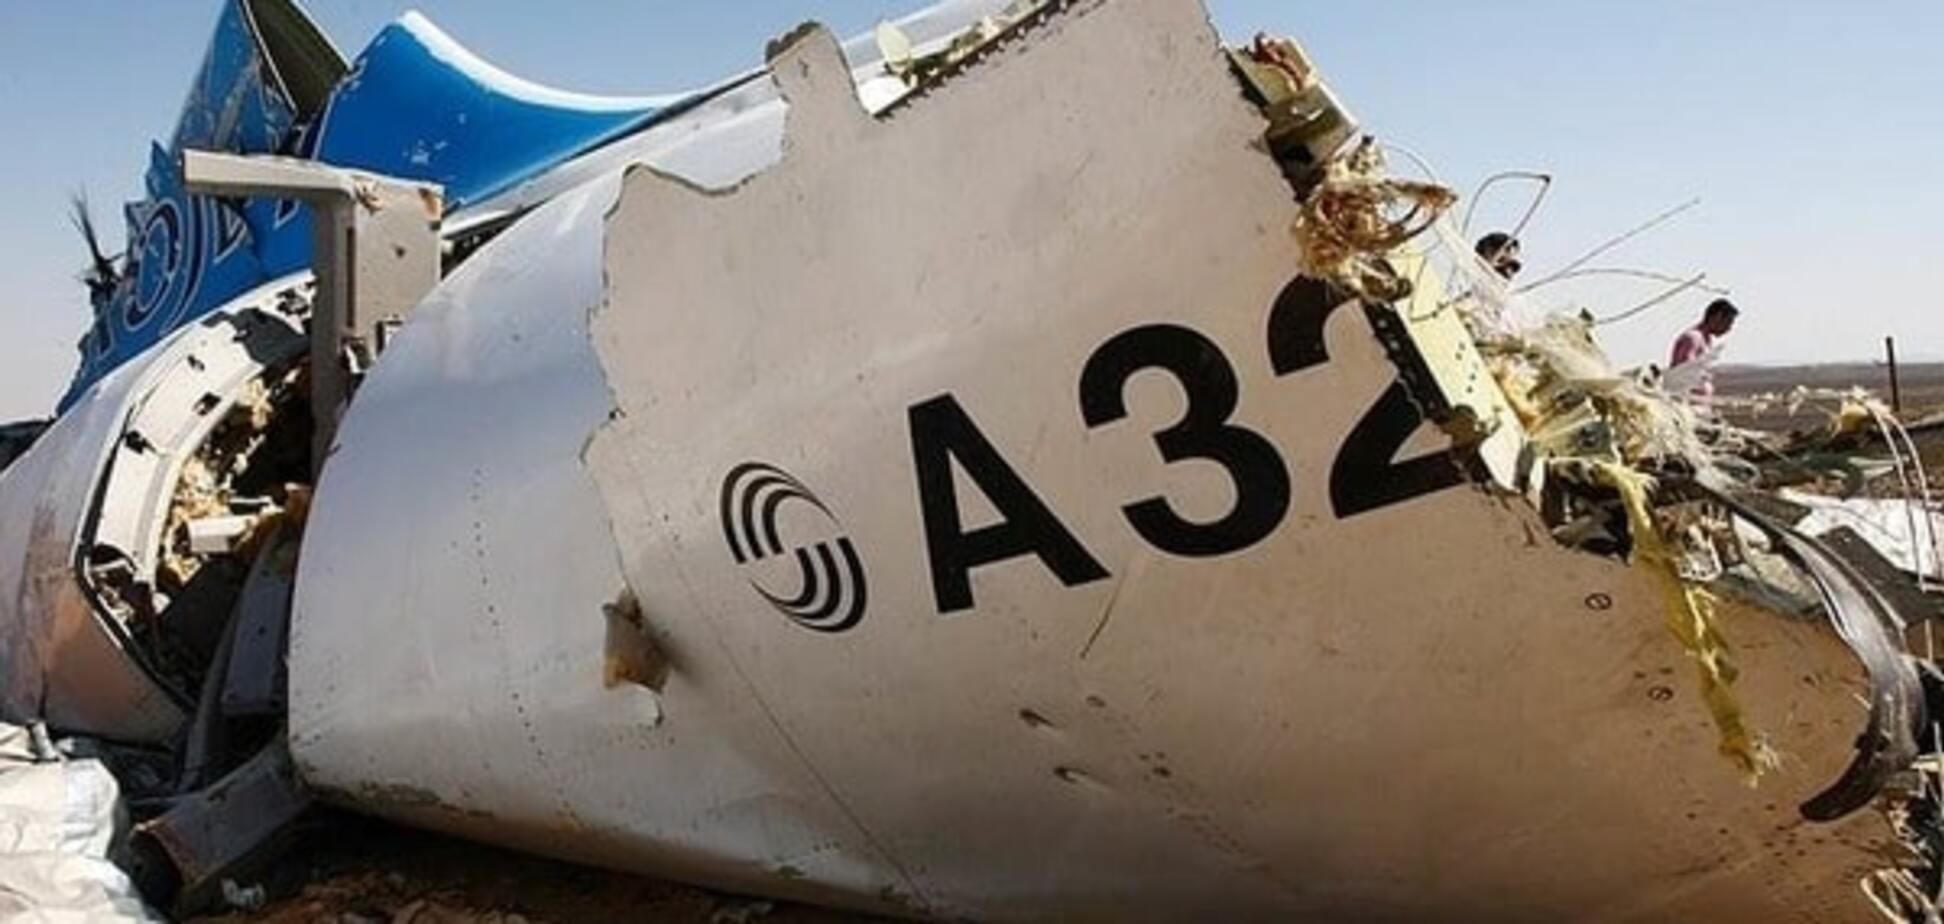 В Єгипті назвали офіційну версію катастрофи російського лайнера A321